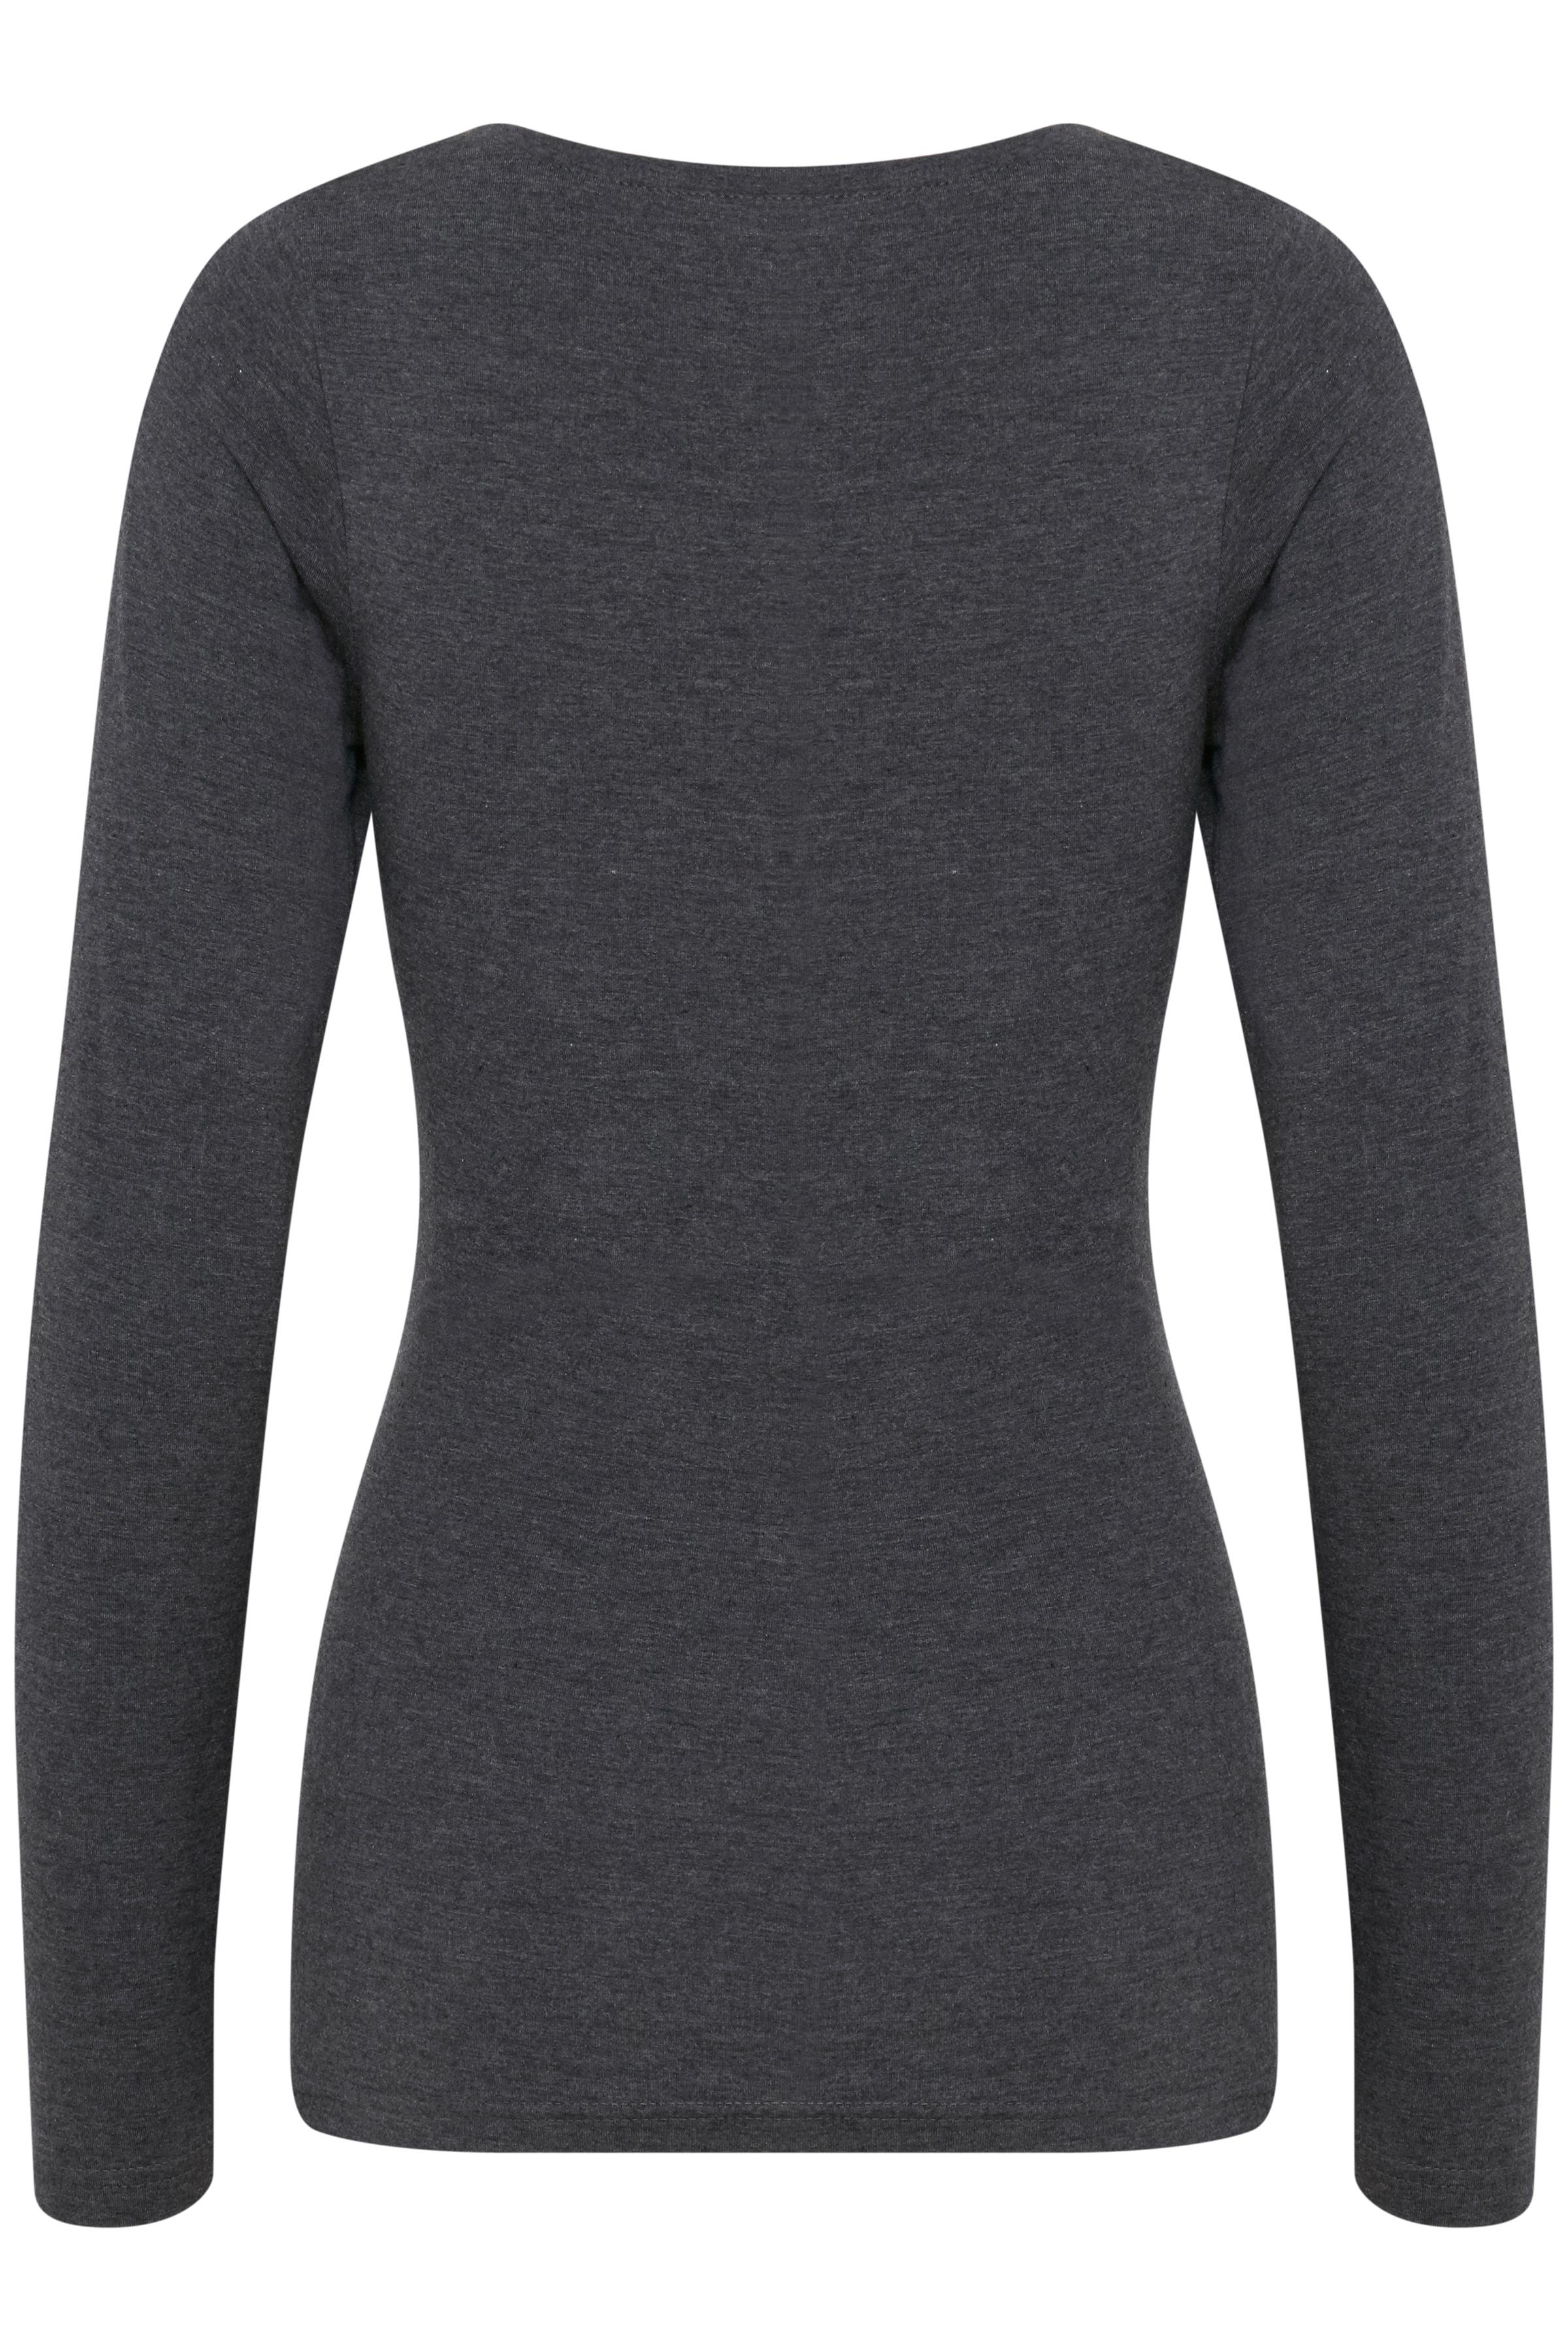 Dark Grey Mel Langarm-Shirt von b.young – Kaufen Sie Dark Grey Mel Langarm-Shirt aus Größe XS-XXL hier